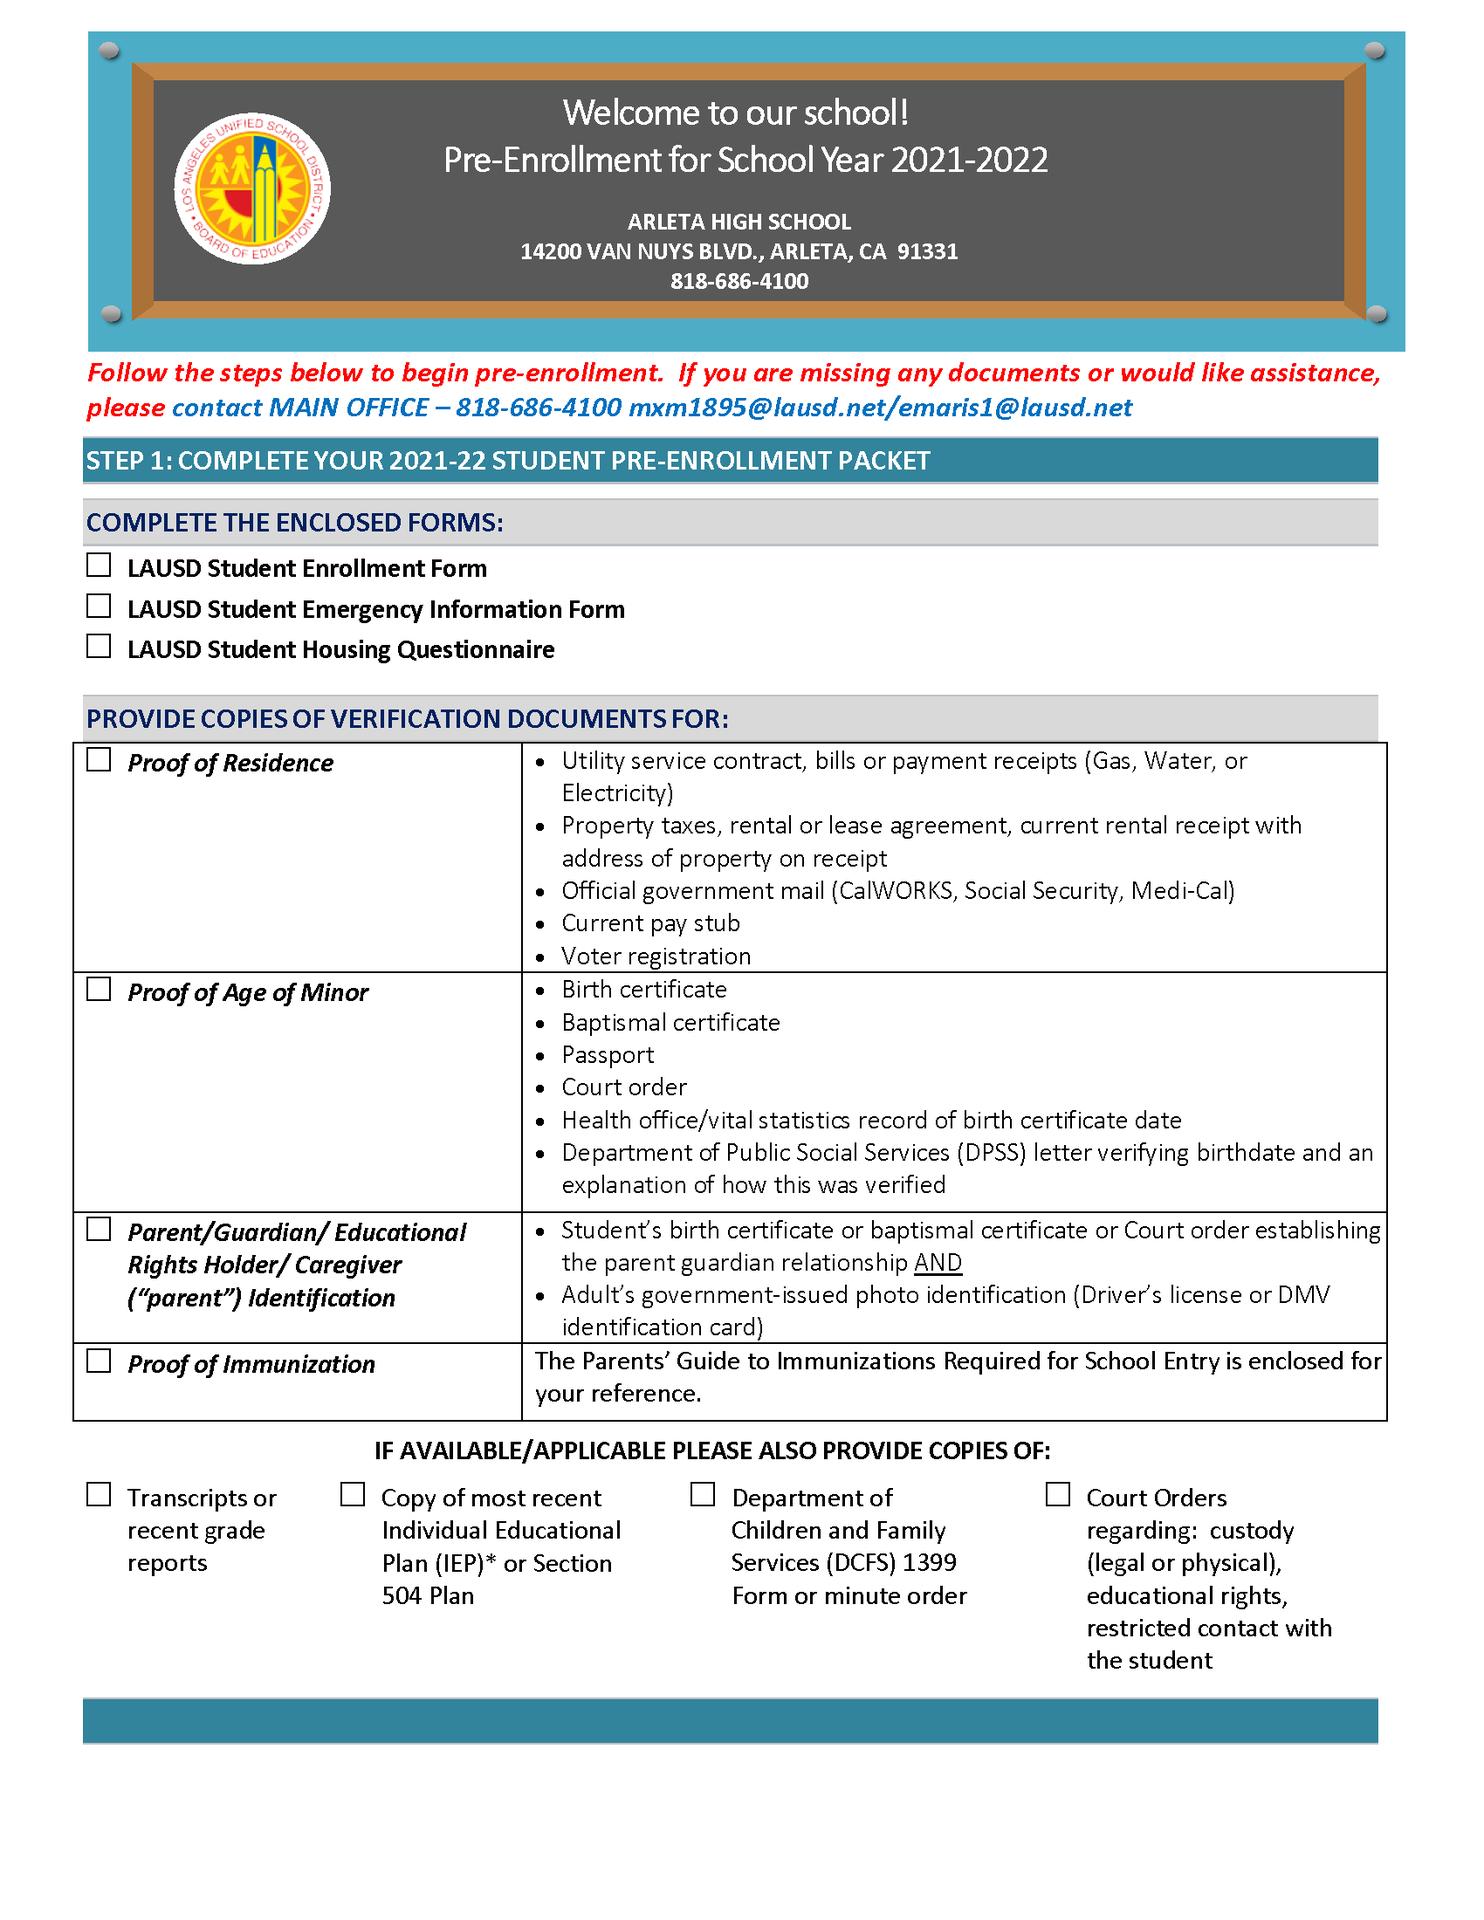 enrollment_requirement